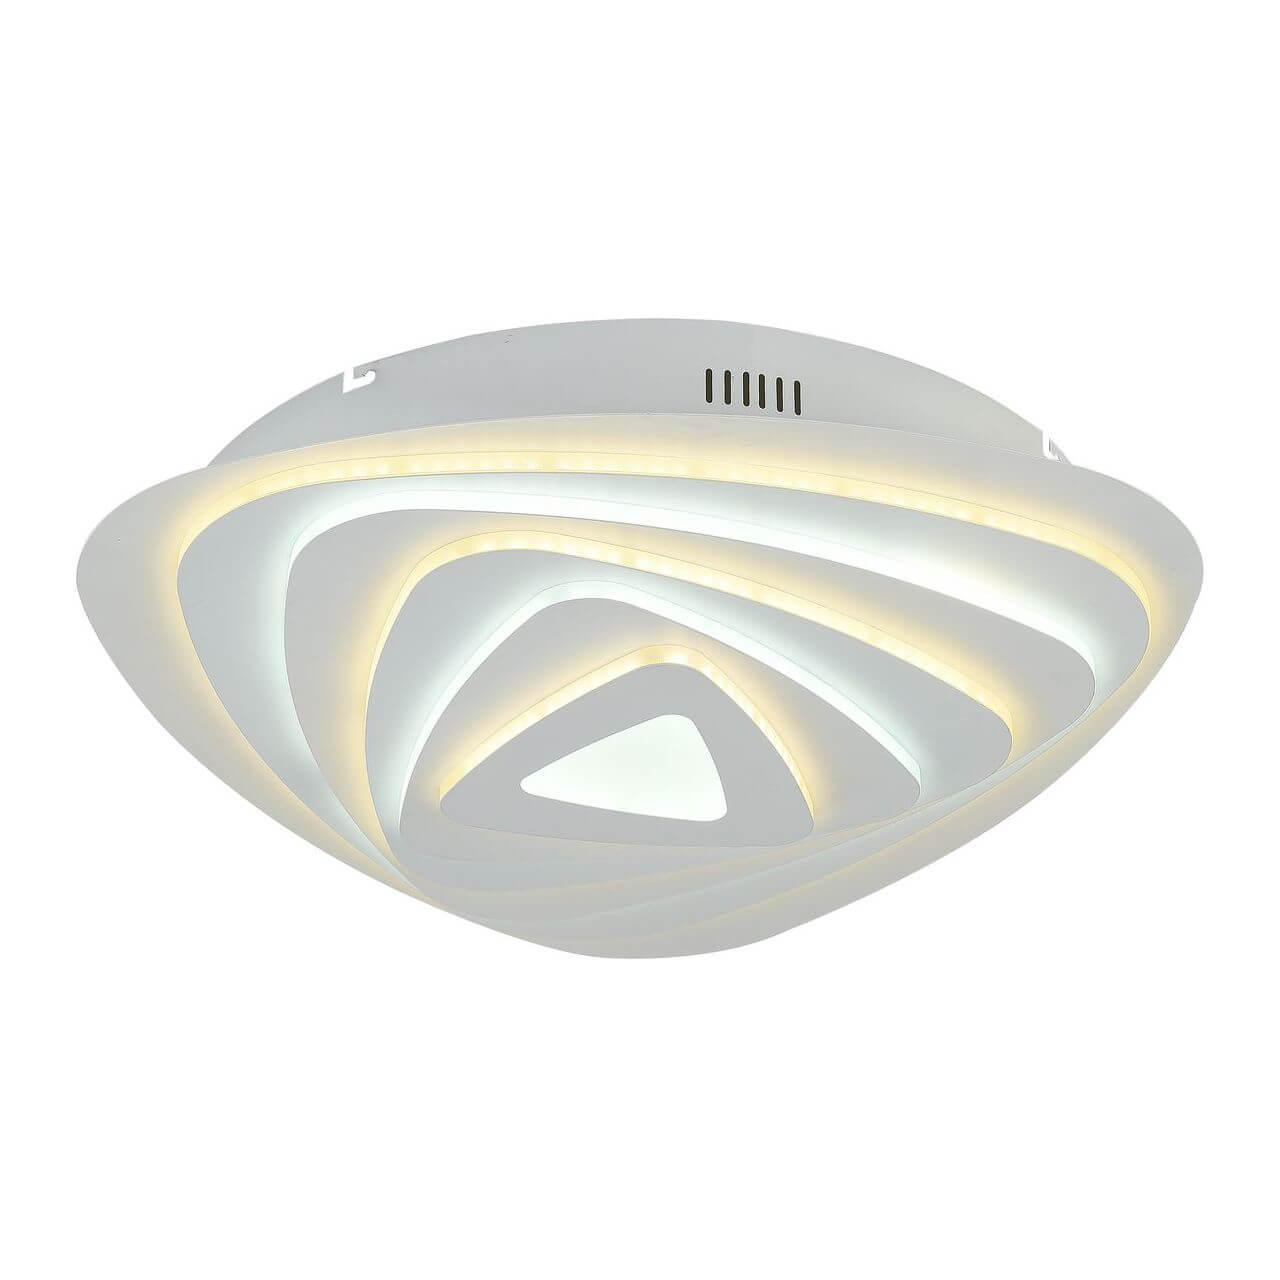 Потолочный светильник F-Promo 2288-5C, LED, 80 Вт светильник favourite ledolution 2283 5c